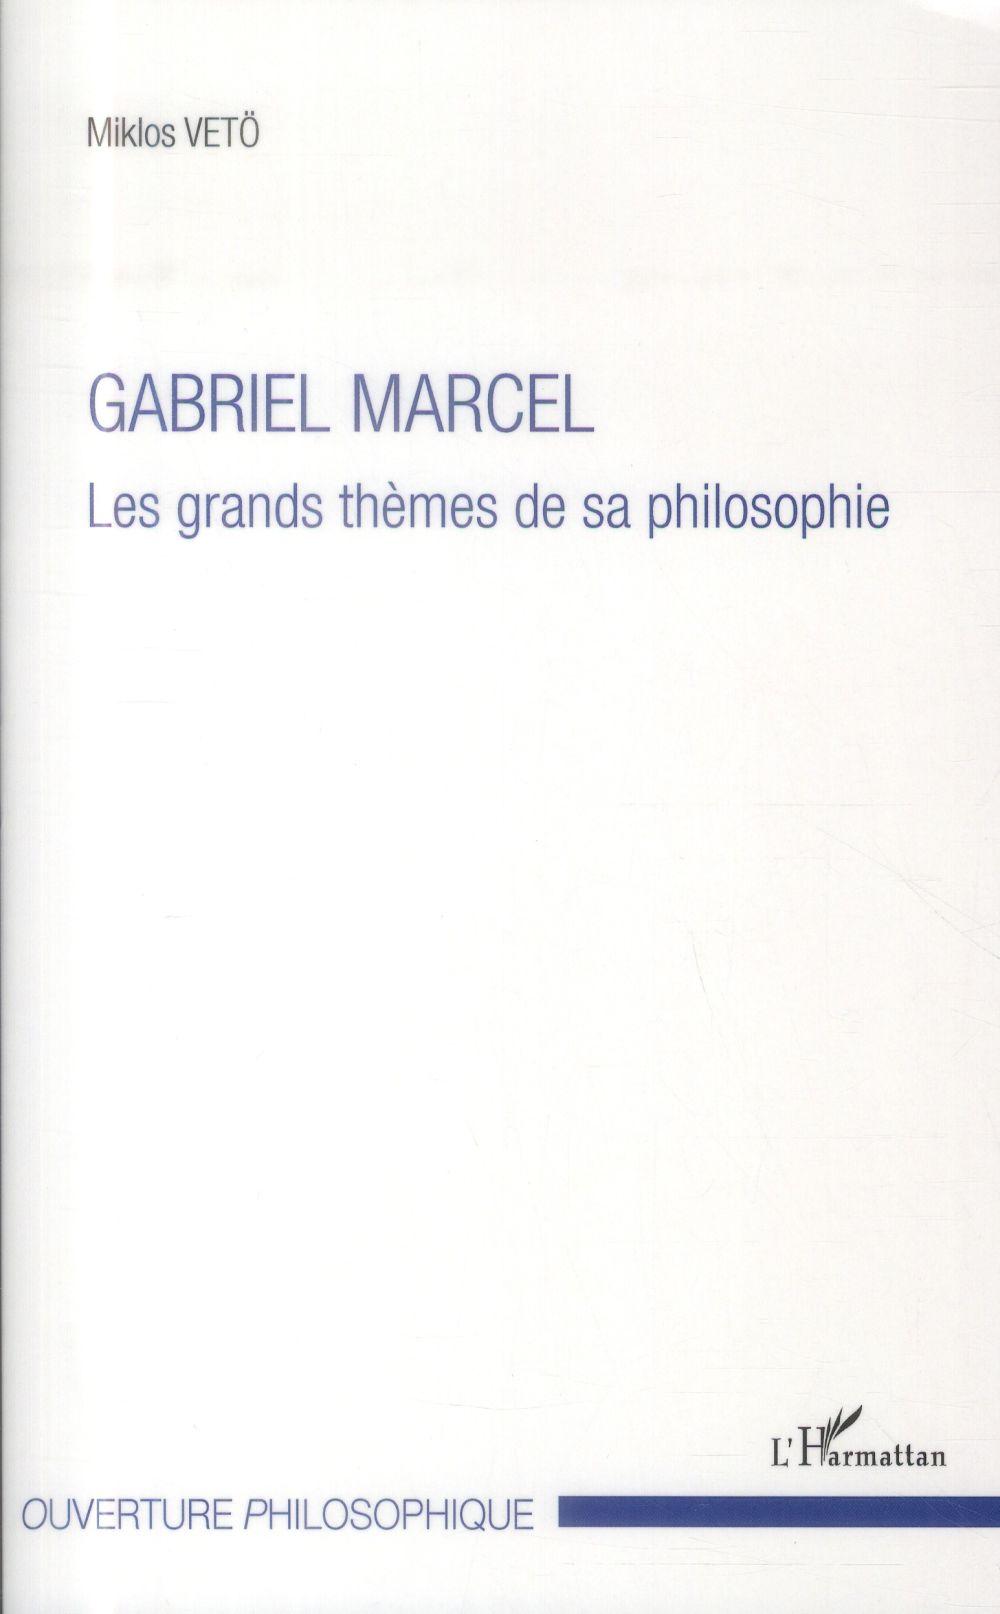 GABRIEL MARCEL - LES GRANDS THEMES DE SA PHILOSOPHIE